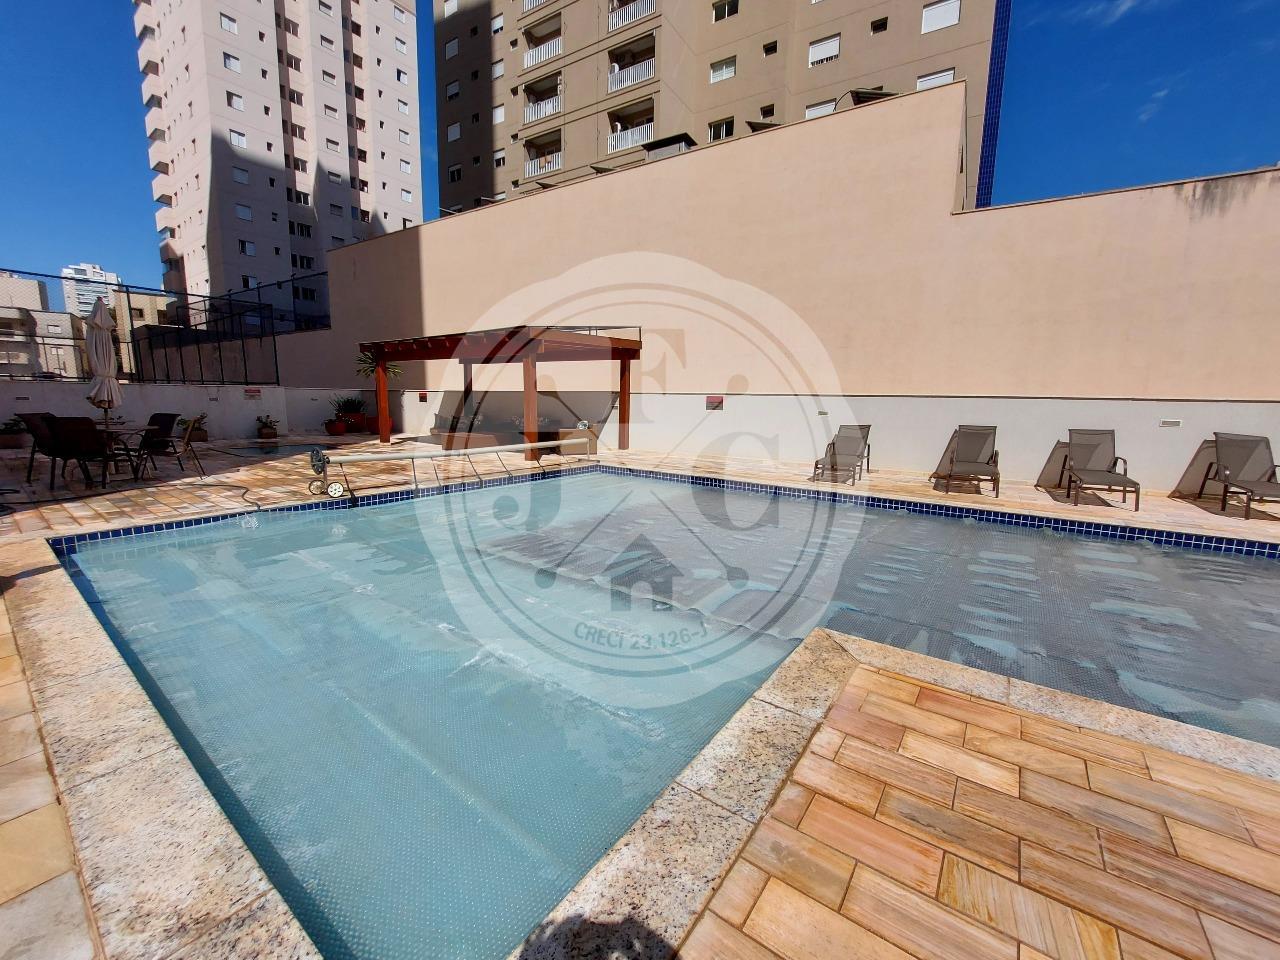 Apartamento para aluguel no Jardim Botânico: Piscina